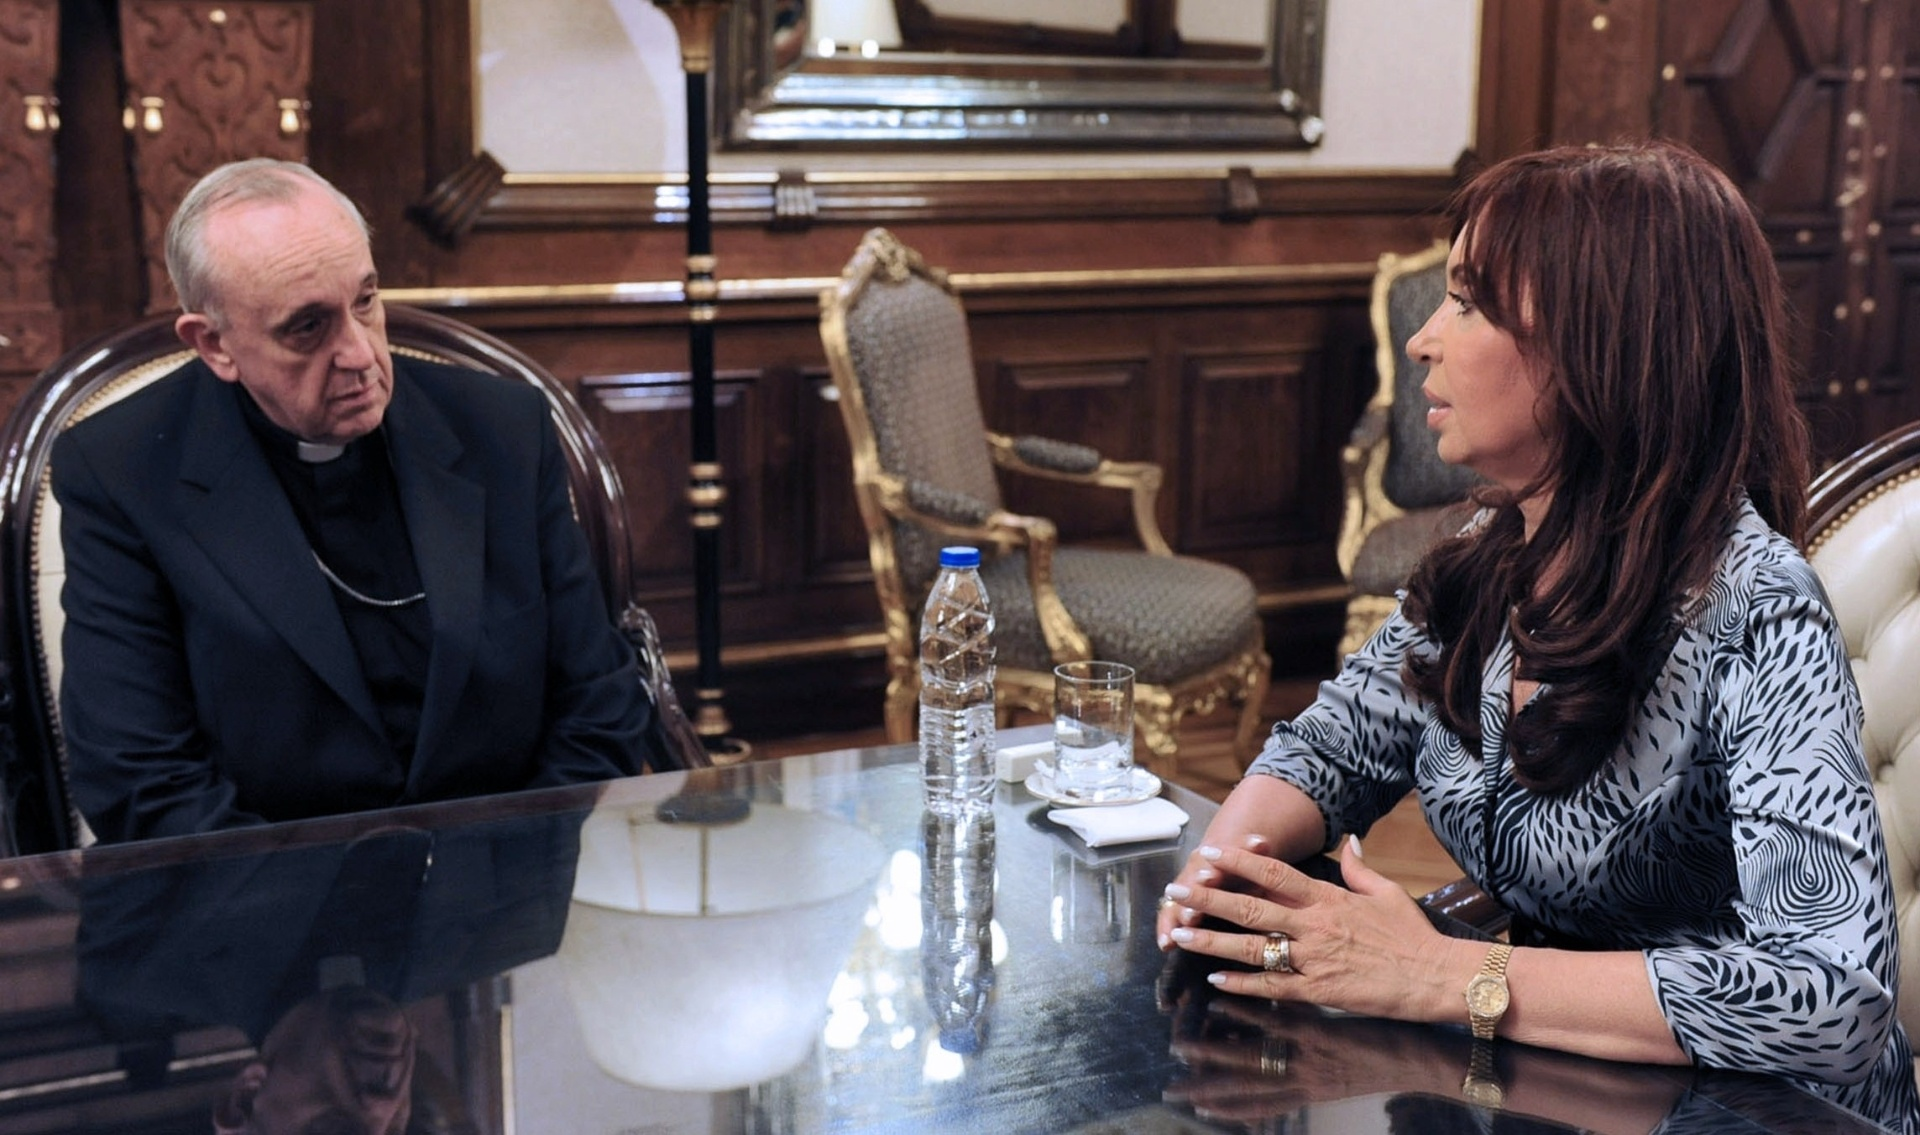 2010 - Argentina legaliza o casamento entre pessoas do mesmo sexo, acirrando os ânimos entre Cristina e o arcebispo de Buenos Aires, Jorge Mario Bergoglio, que anos depois se tornou papa